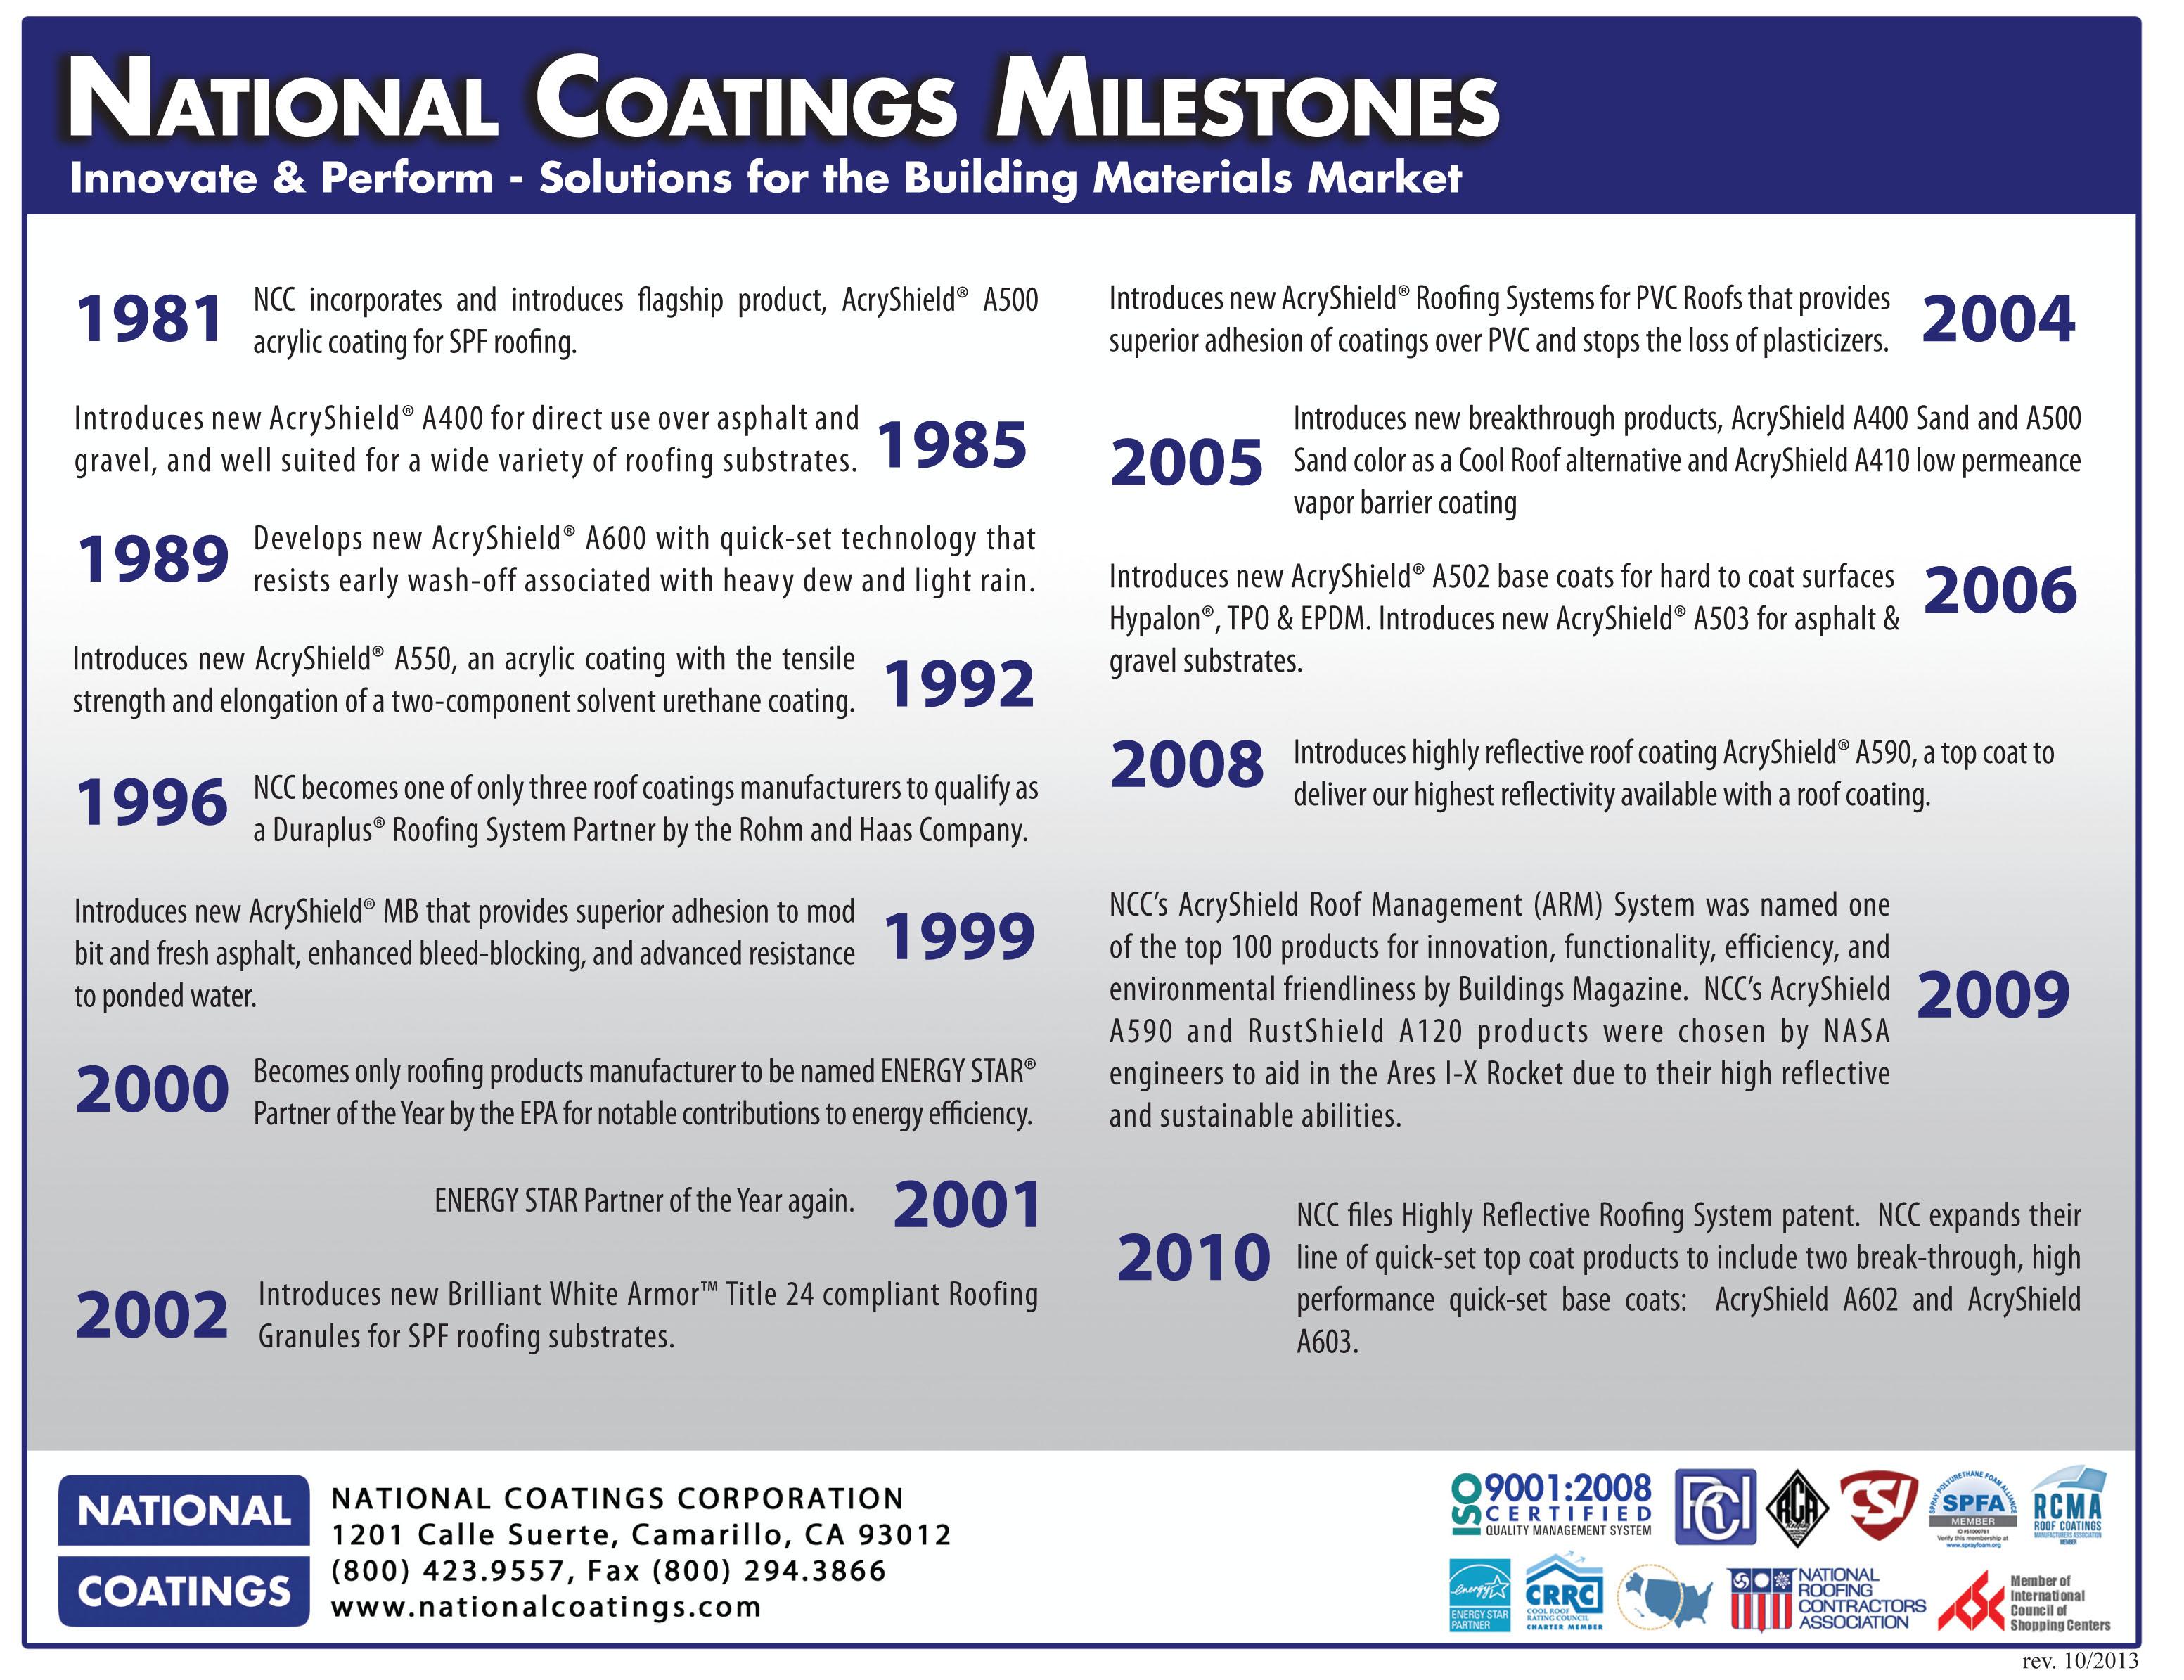 National_Coatings_Milestone-2.jpg